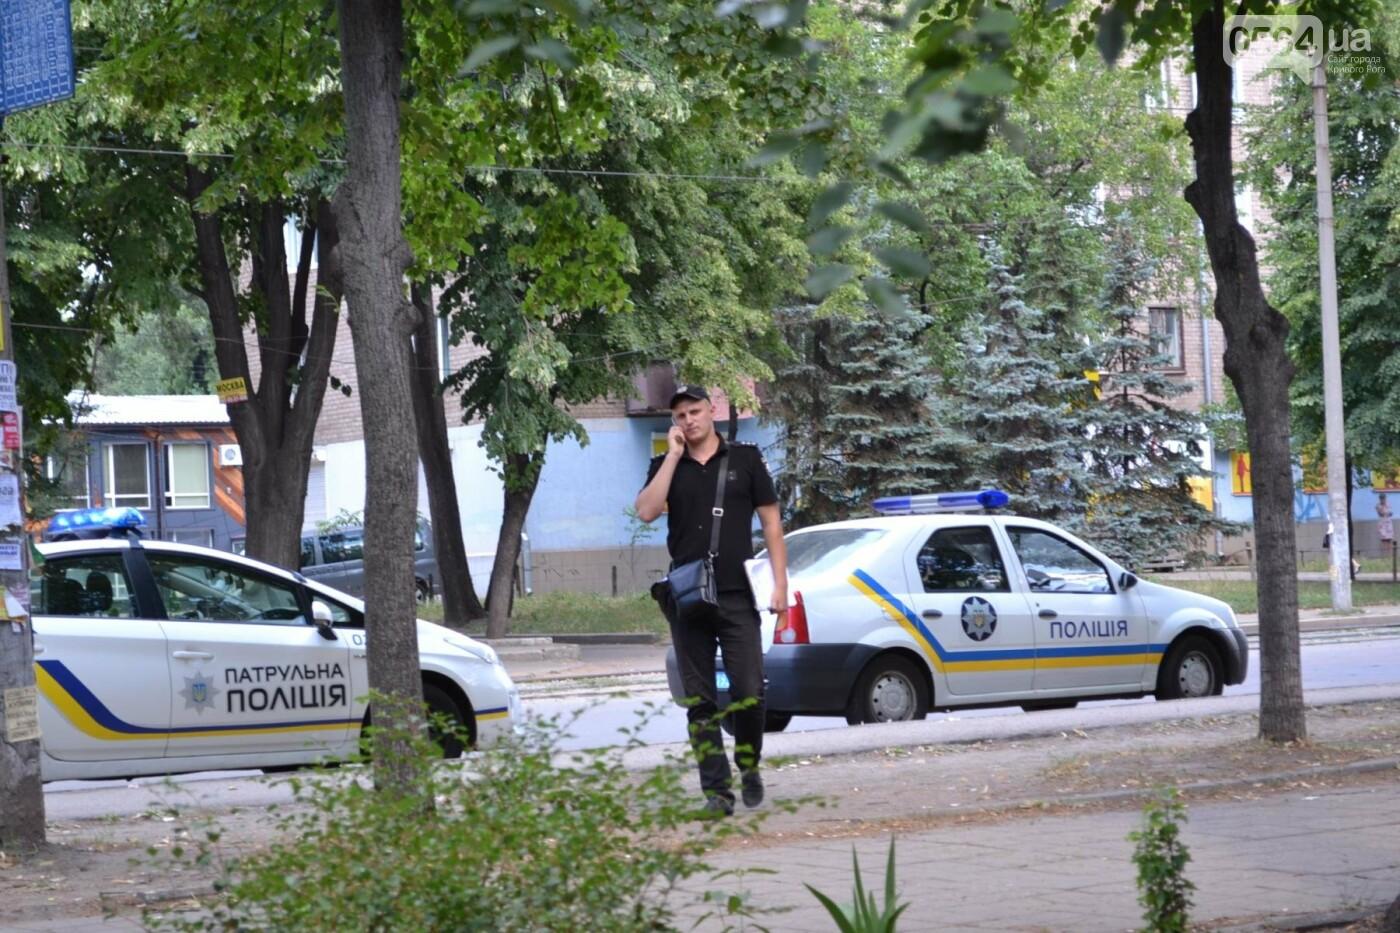 """В Кривом Роге активисты обнаружили очередную """"наливайку"""", а полицейский назвал это """"фигней"""", - ФОТО, ВИДЕО, фото-32"""